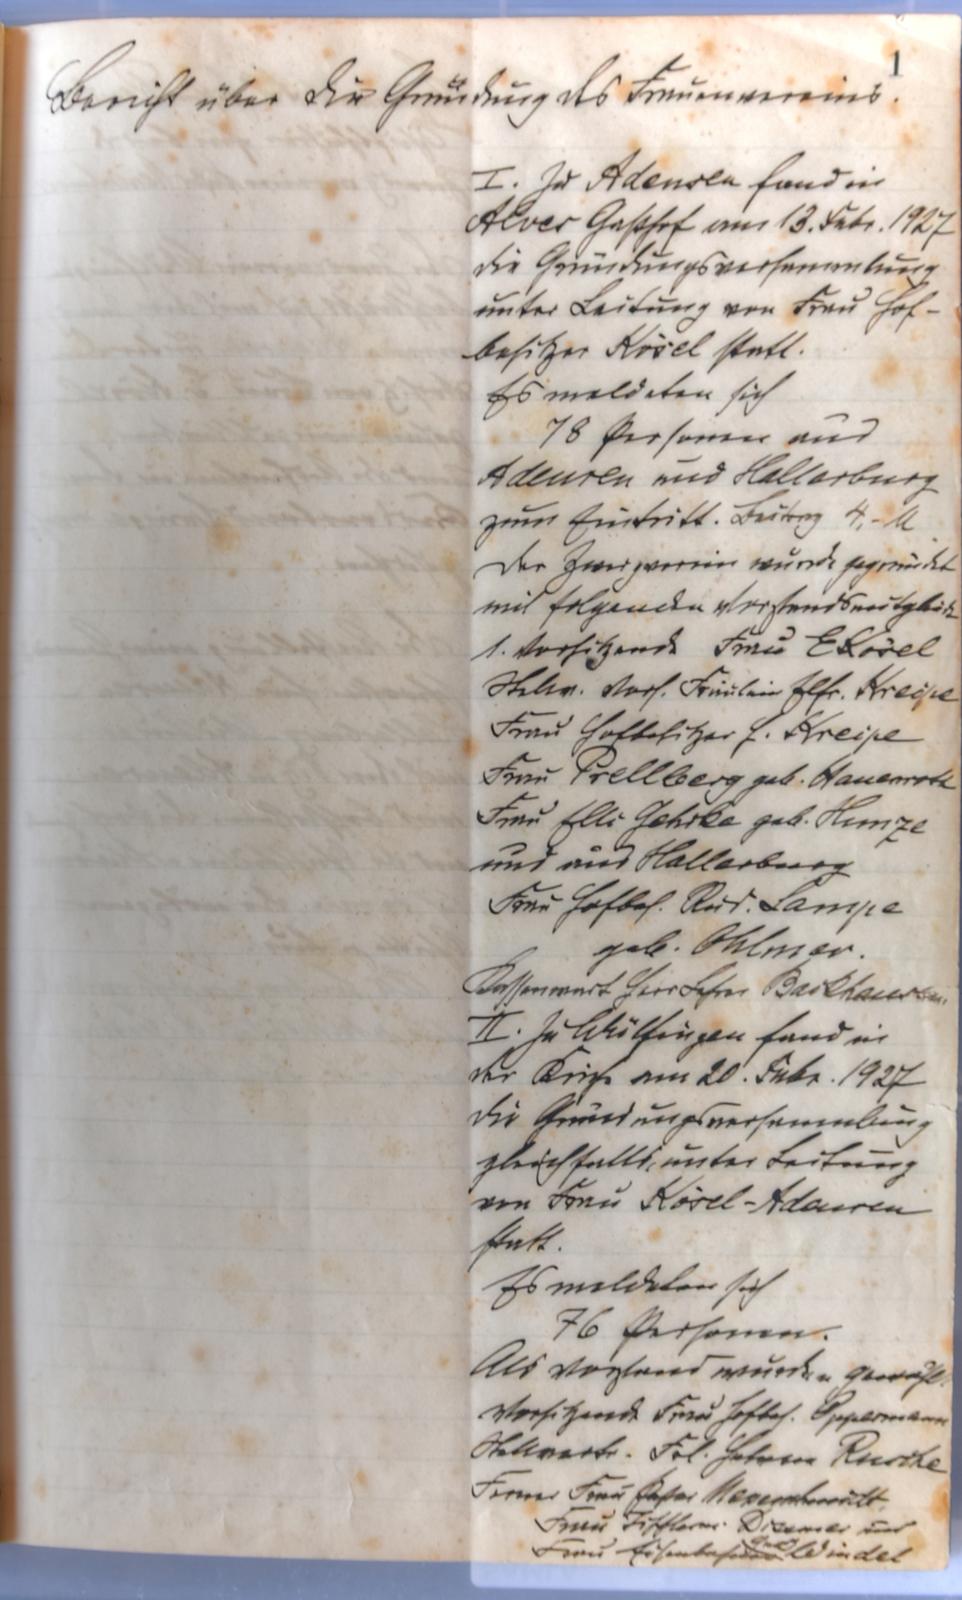 Tagebuch DRK 90 Jahre